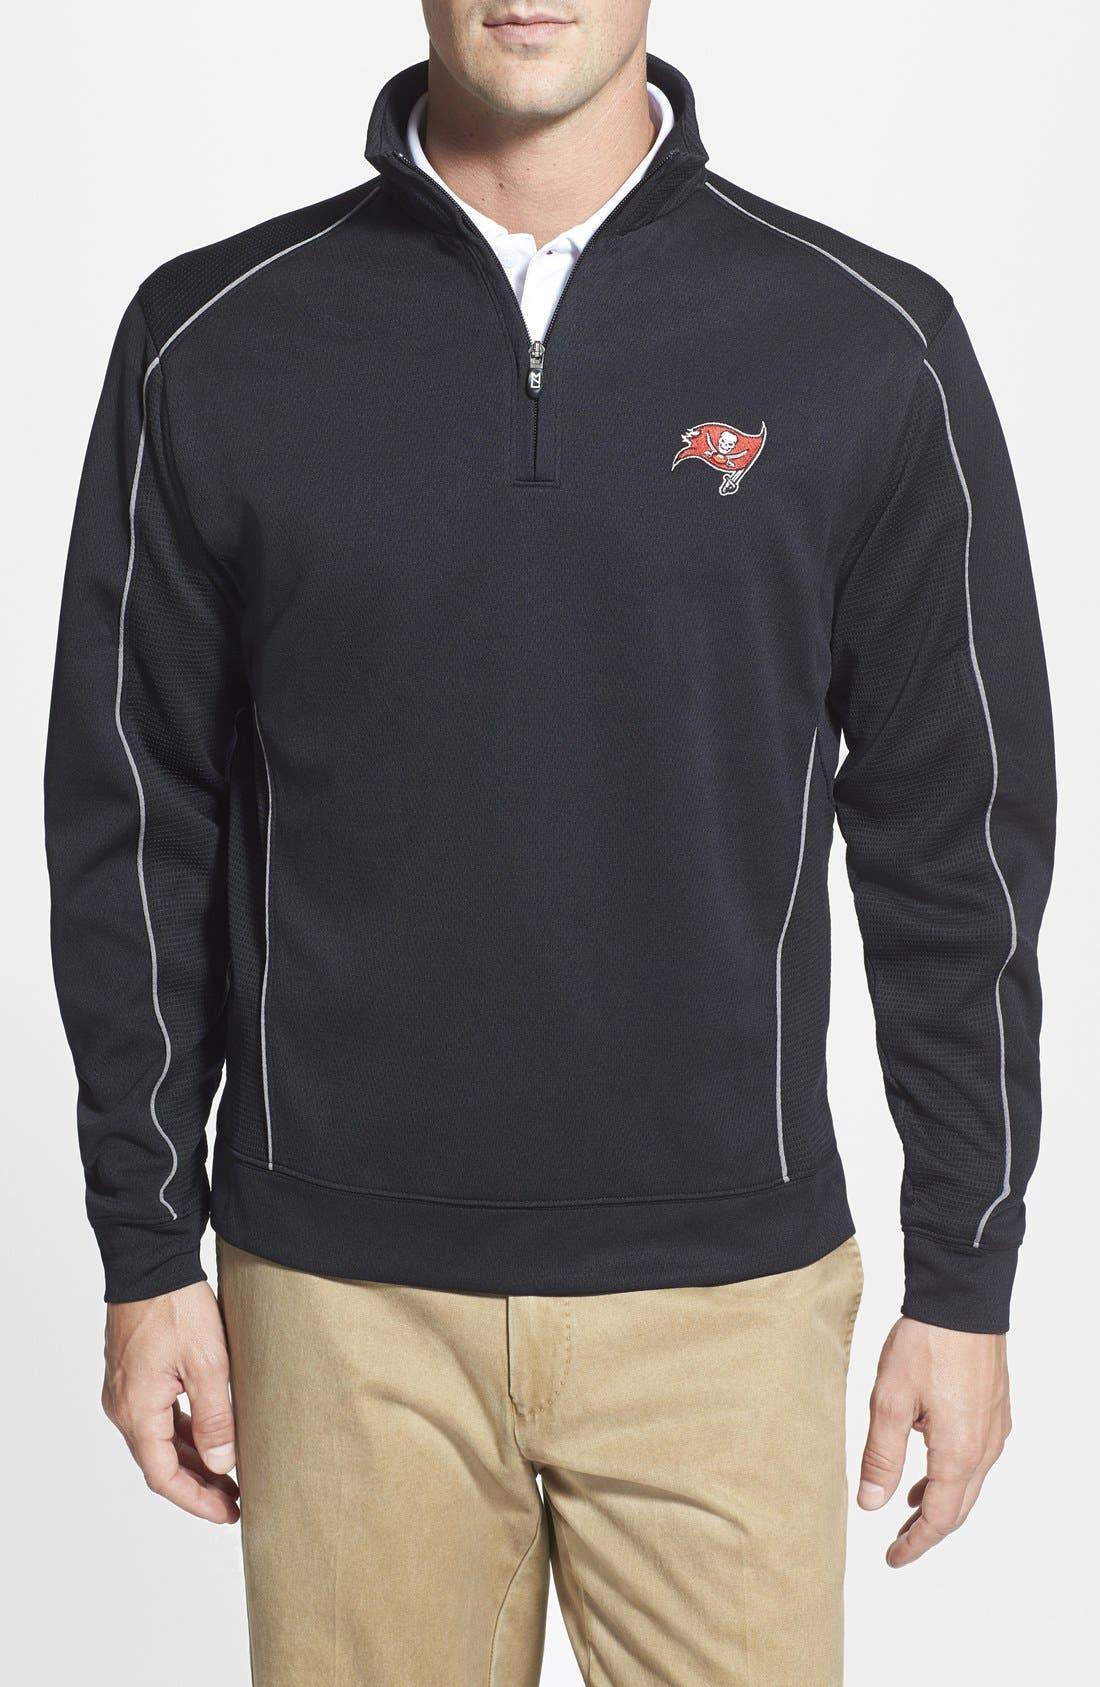 Cutter & Buck Tampa Bay Buccaneers - Edge DryTec Moisture Wicking Half Zip Pullover